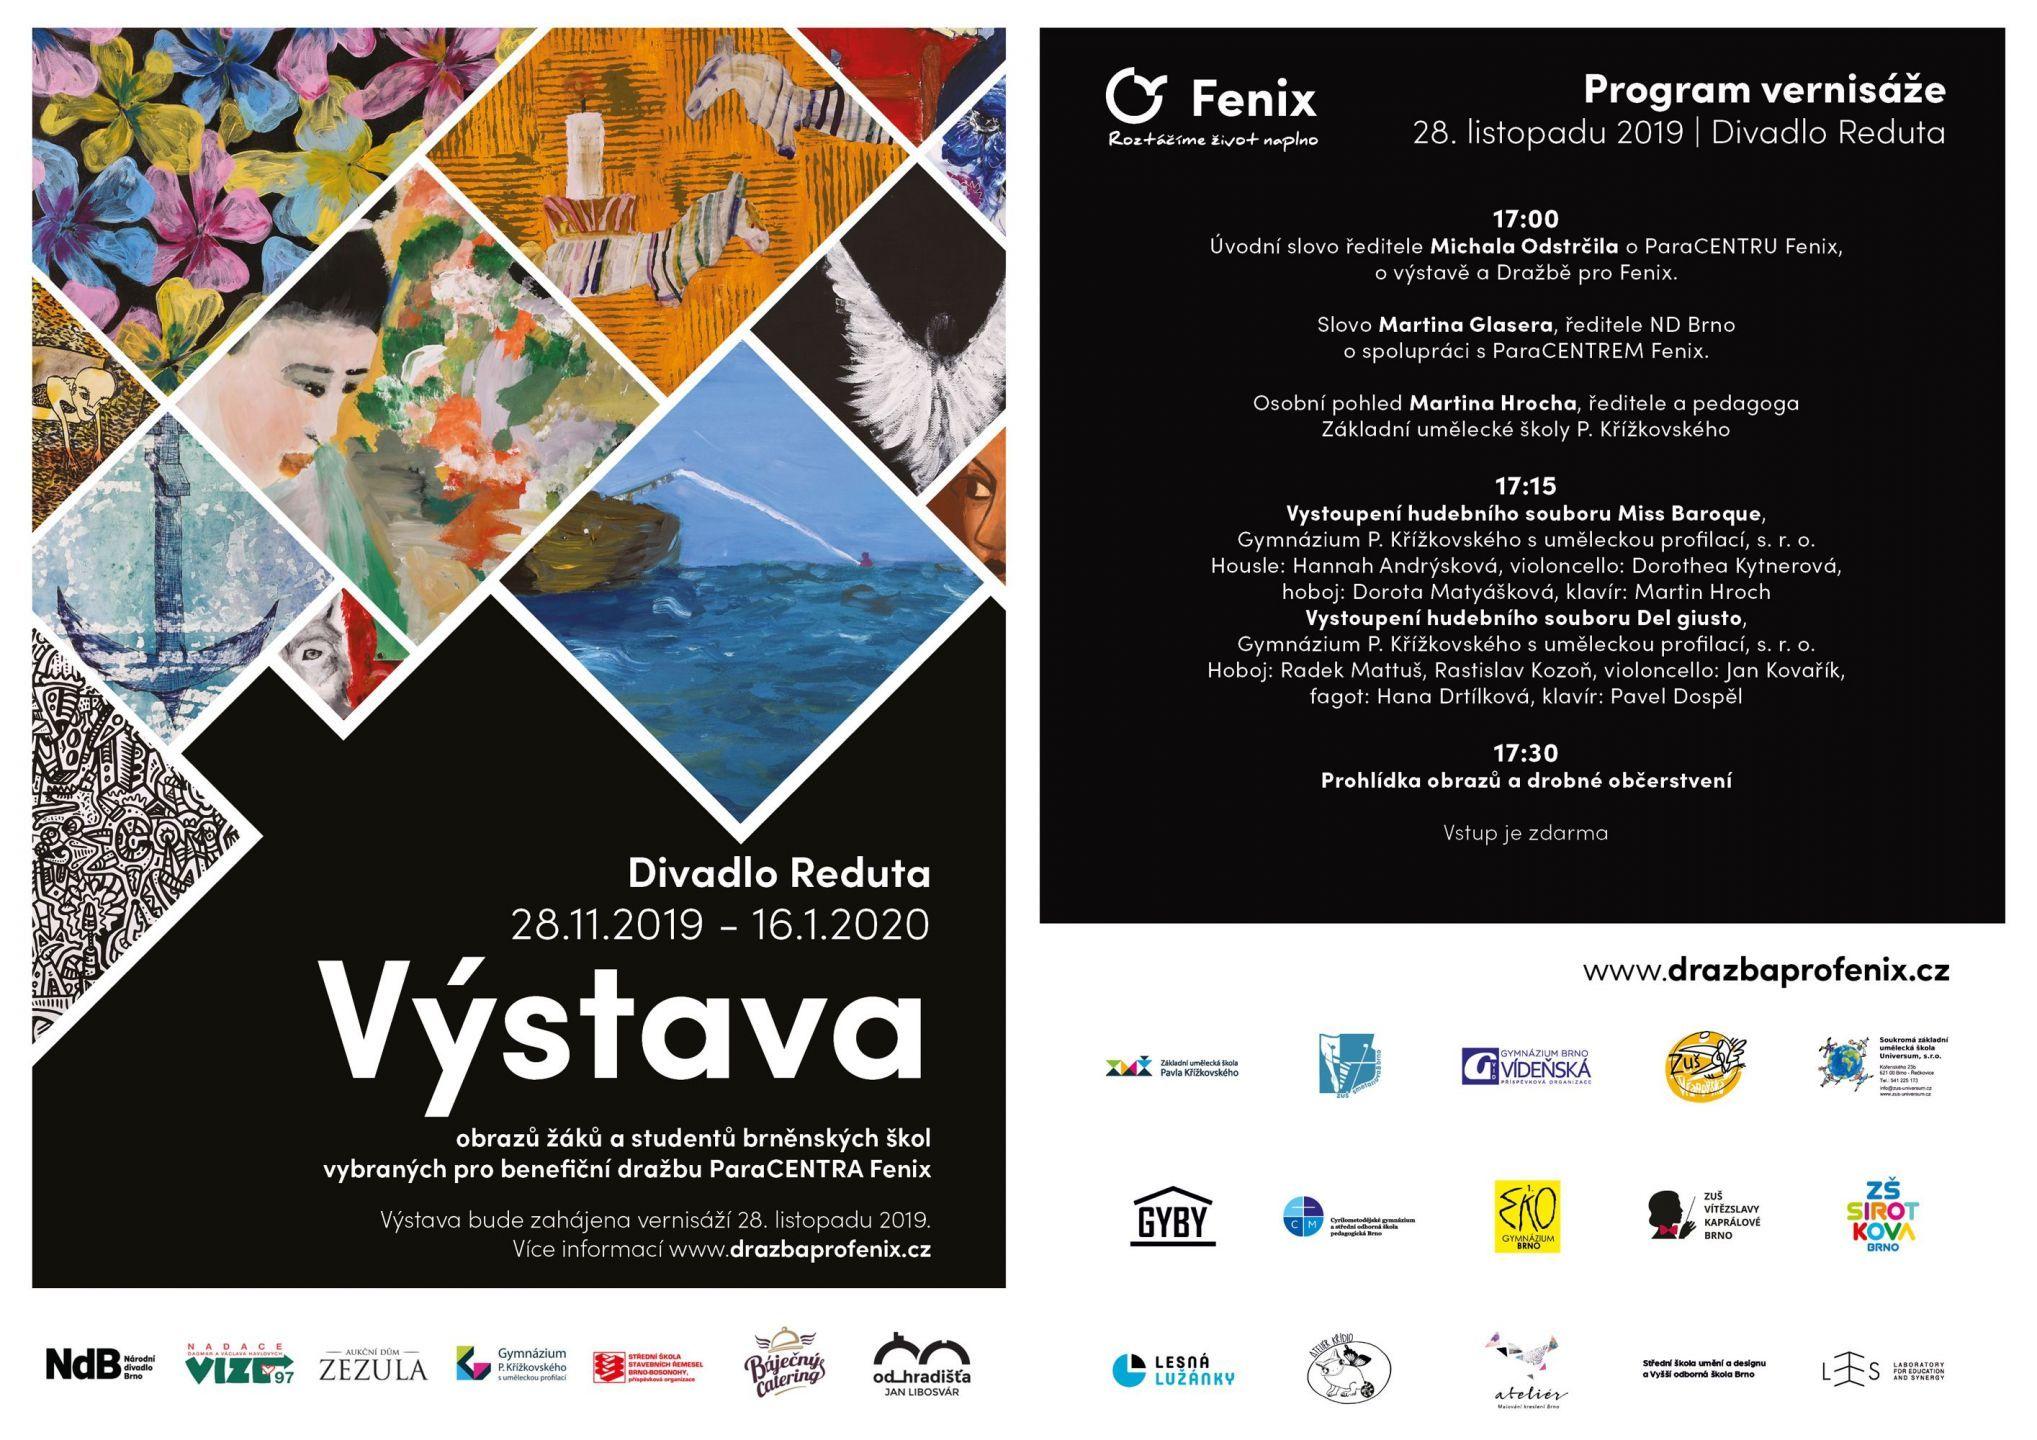 FENIX-VYSTAVA2019-REDUTA-POZVANKA-1